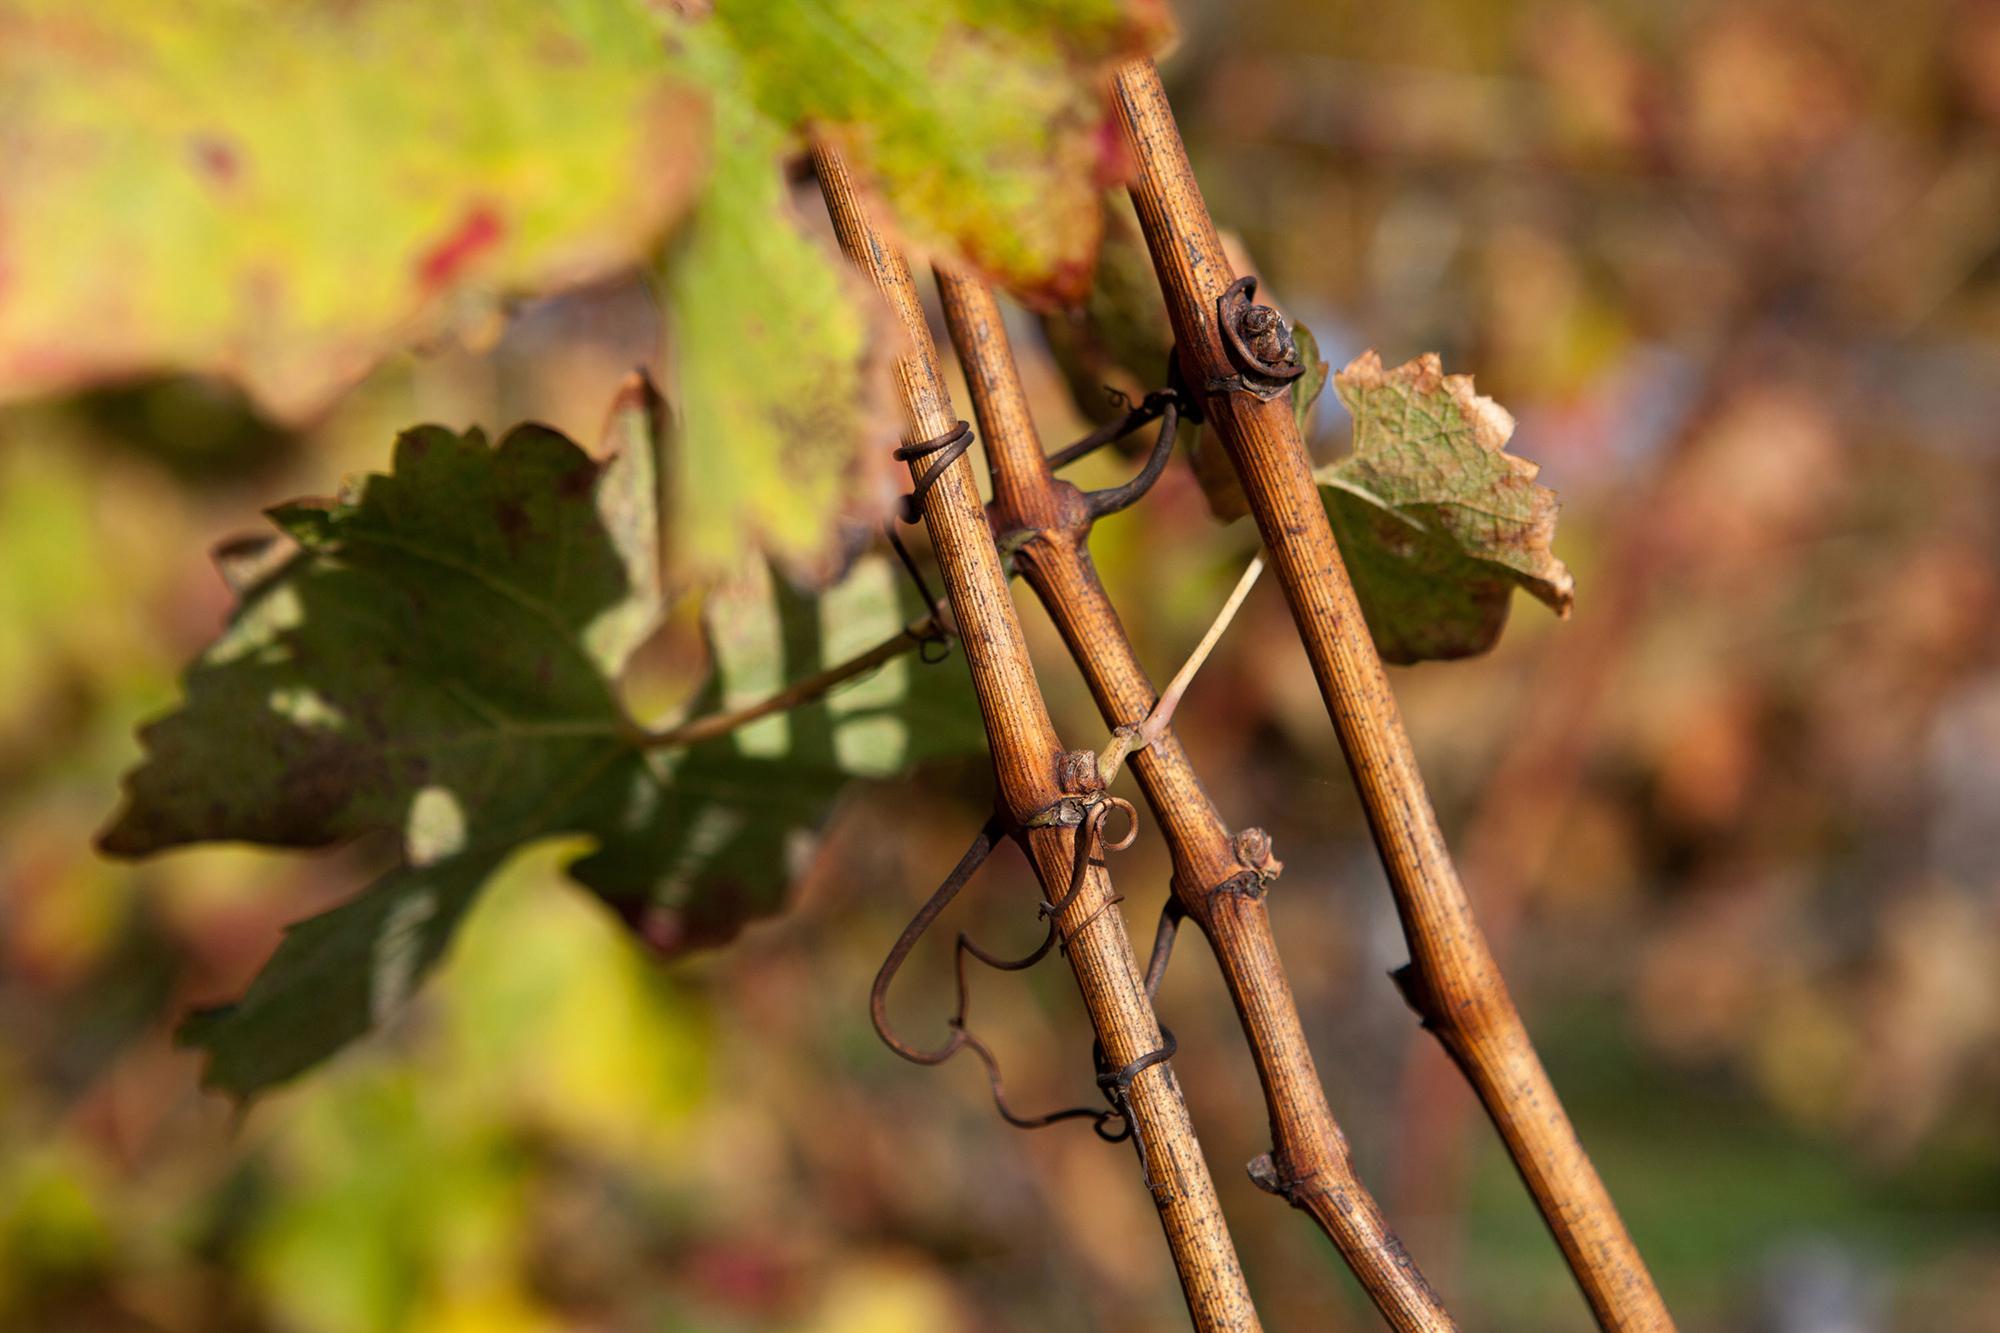 aux couleurs de l'automne vignes sarments